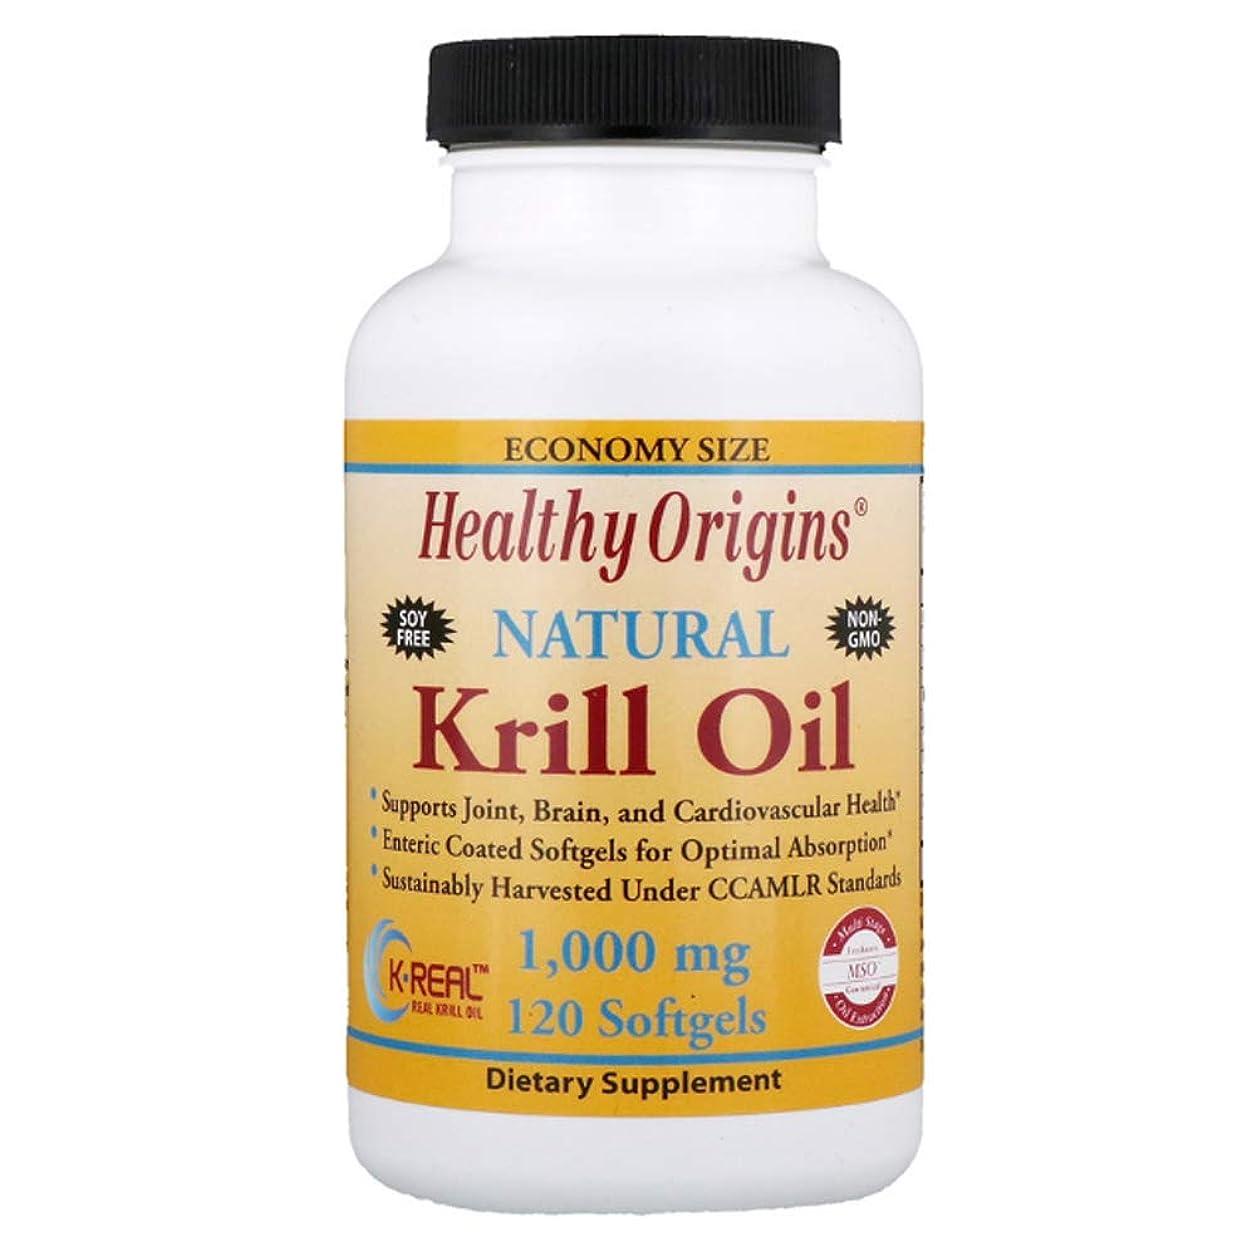 シーフード酸化物姓Healthy Origins Krill Oil Natural Vanilla Flavor 1000 mg 120 Softgels 【アメリカ直送】